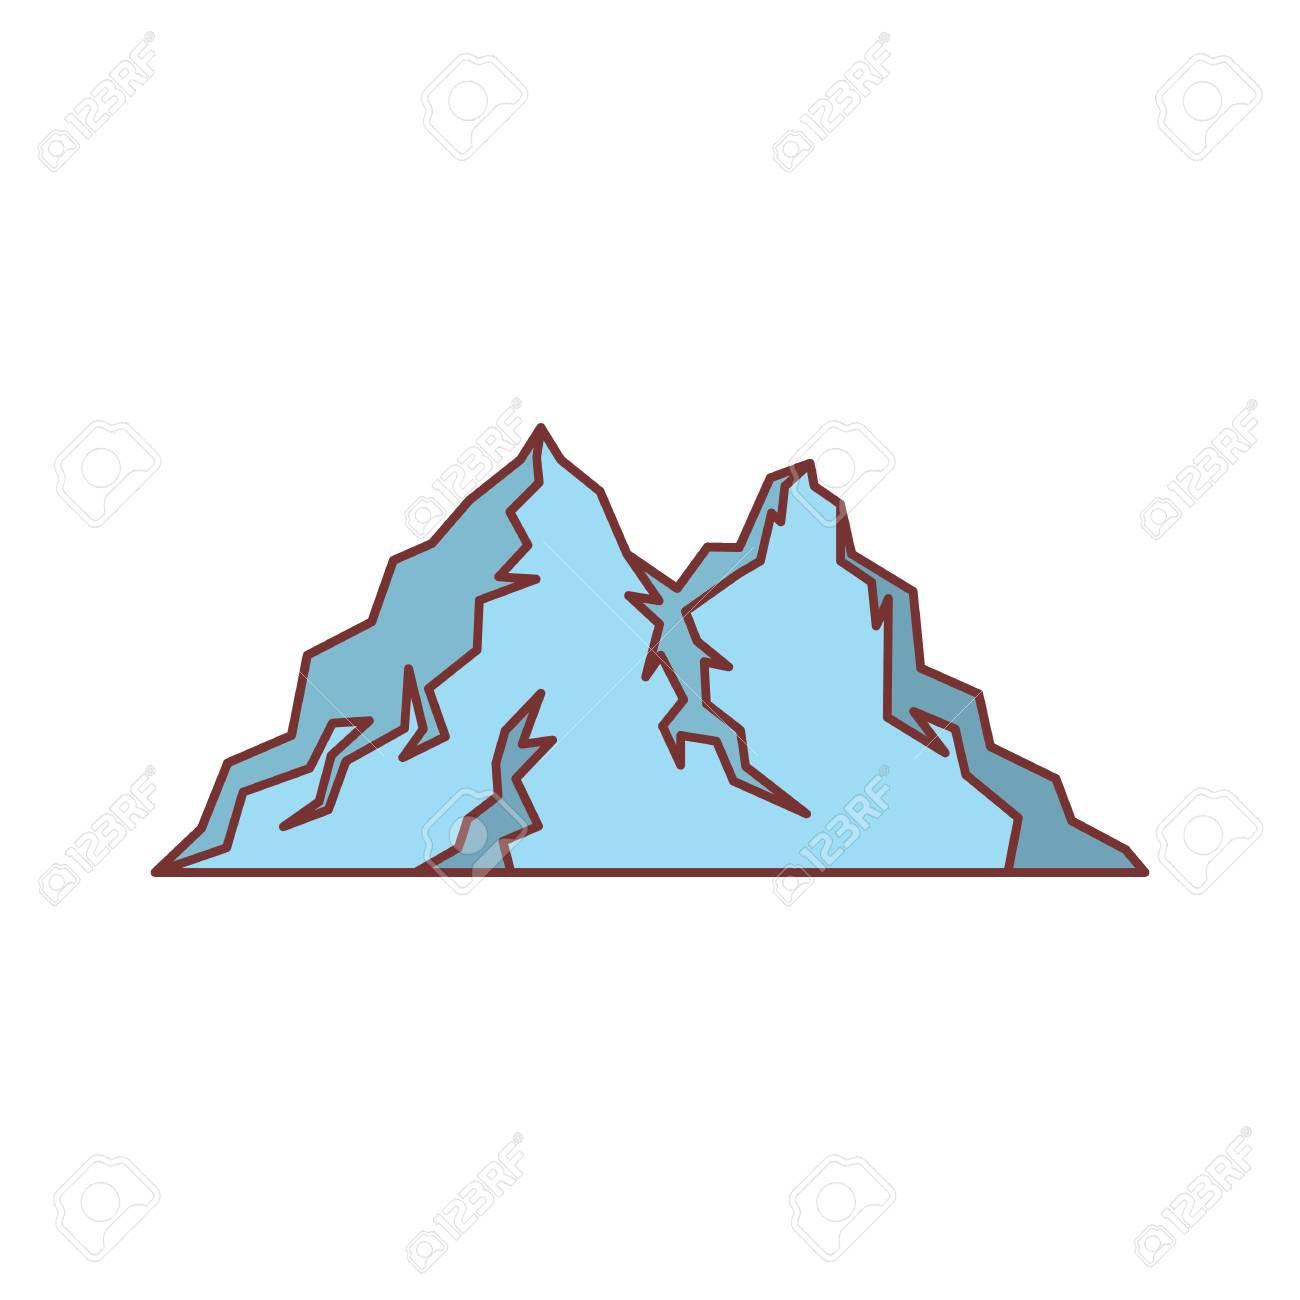 ice blue mountain icon cartoon illustration of mountain vector rh 123rf com mountain vector image mountain vector image